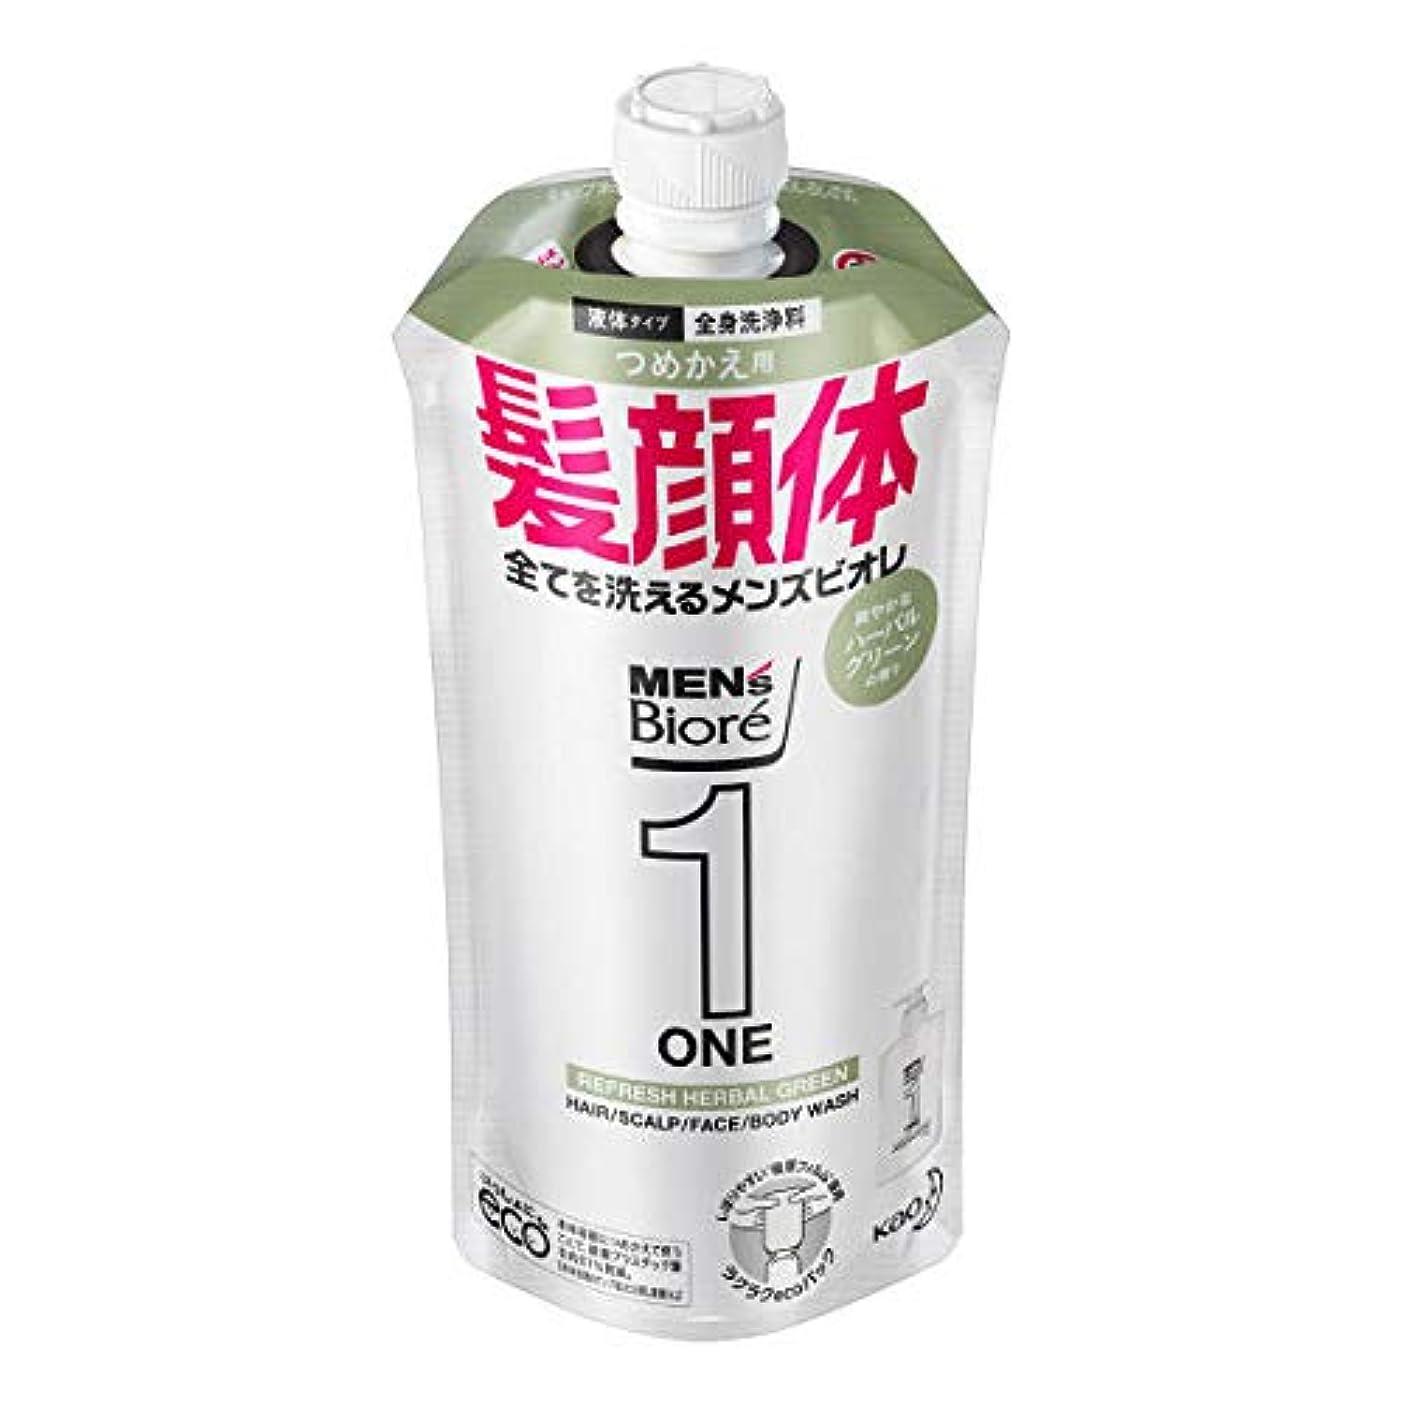 バルコニー将来の恐ろしいですメンズビオレONE オールインワン全身洗浄料 爽やかなハーブルグリーンの香り つめかえ用 340mL